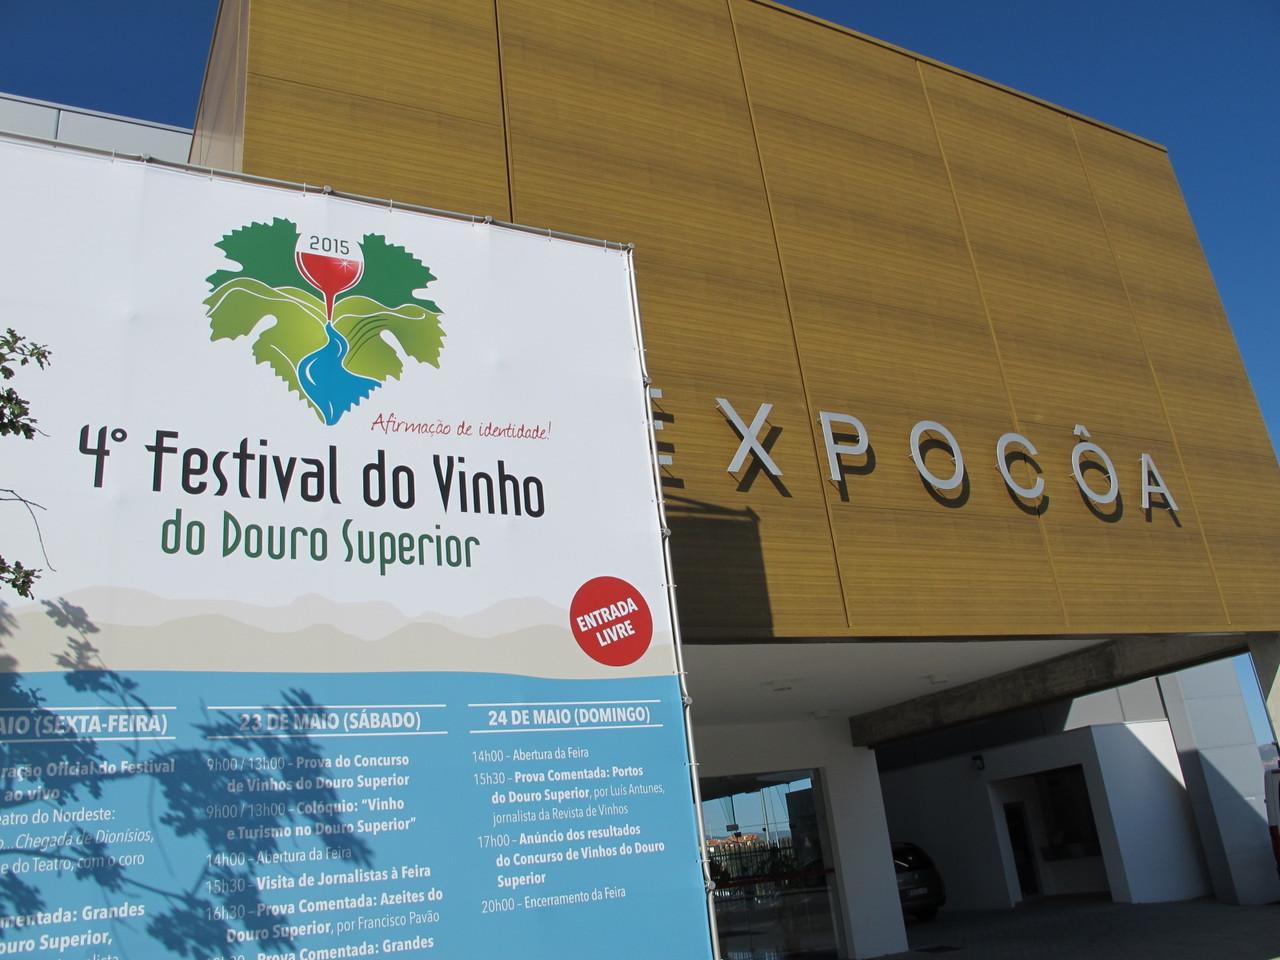 Festival do Vinho do Douro Superior